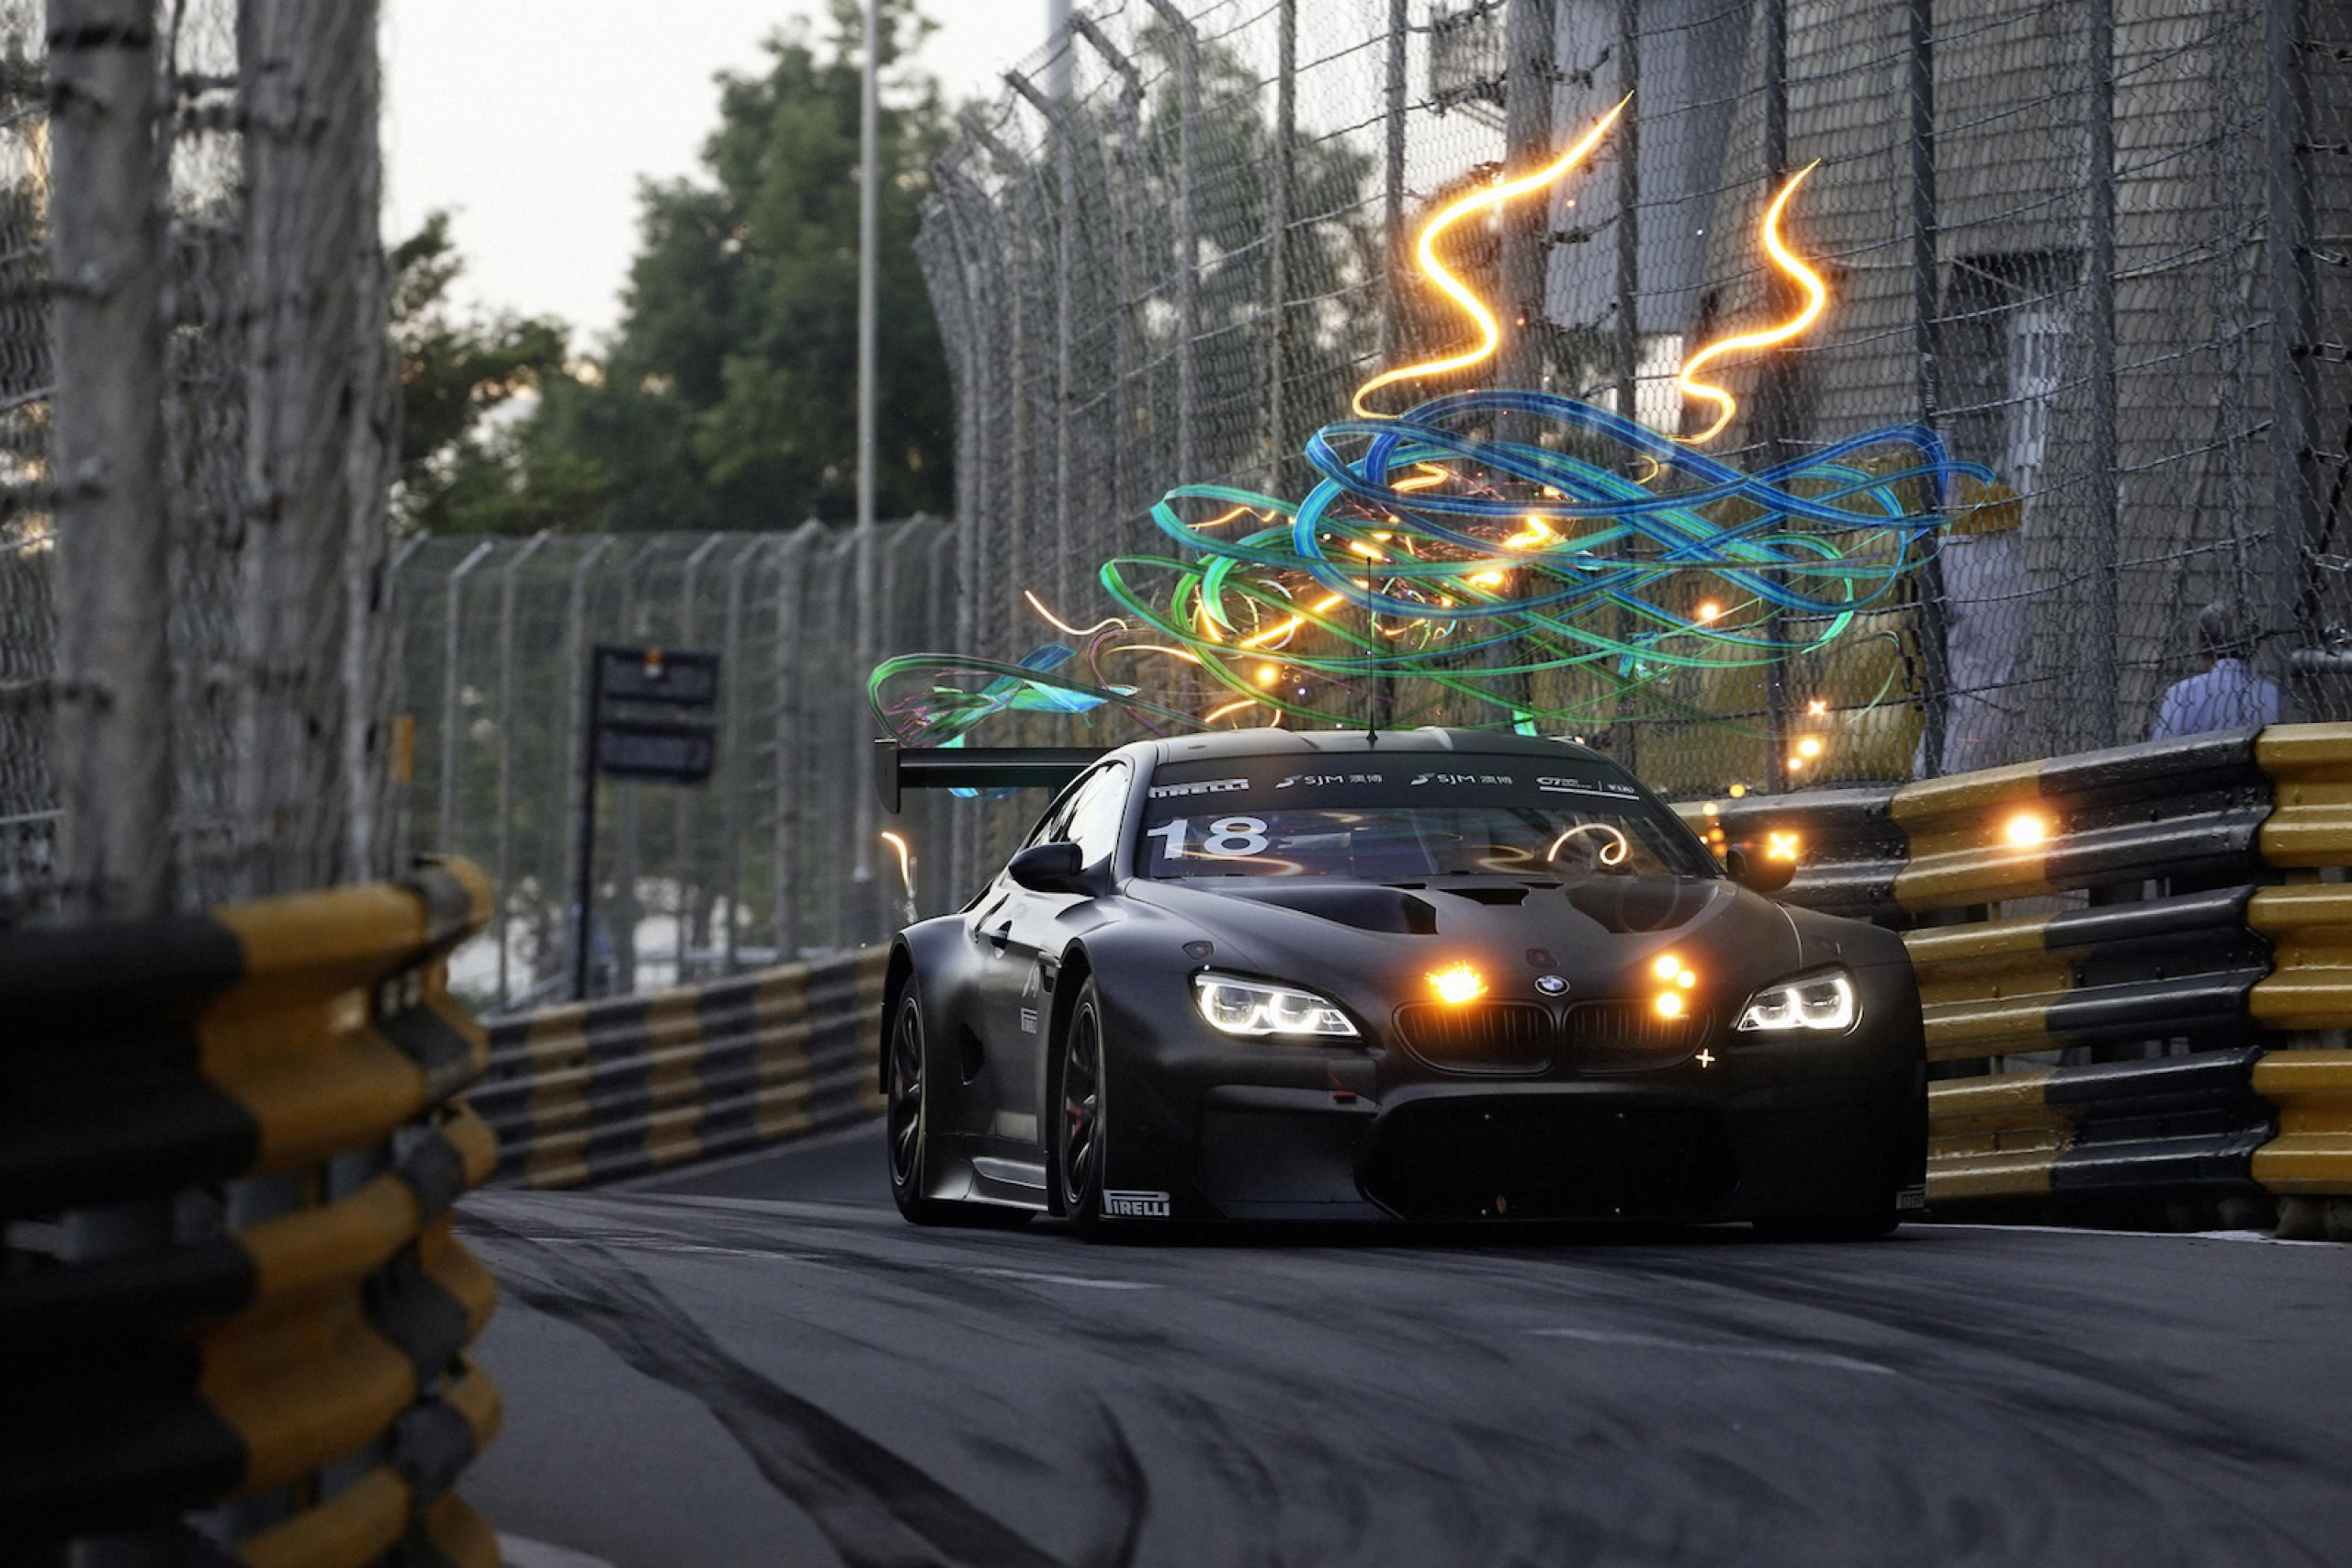 BMW Art Car by Cao Fei in Macau © BMW AG & Cao Fei Studio